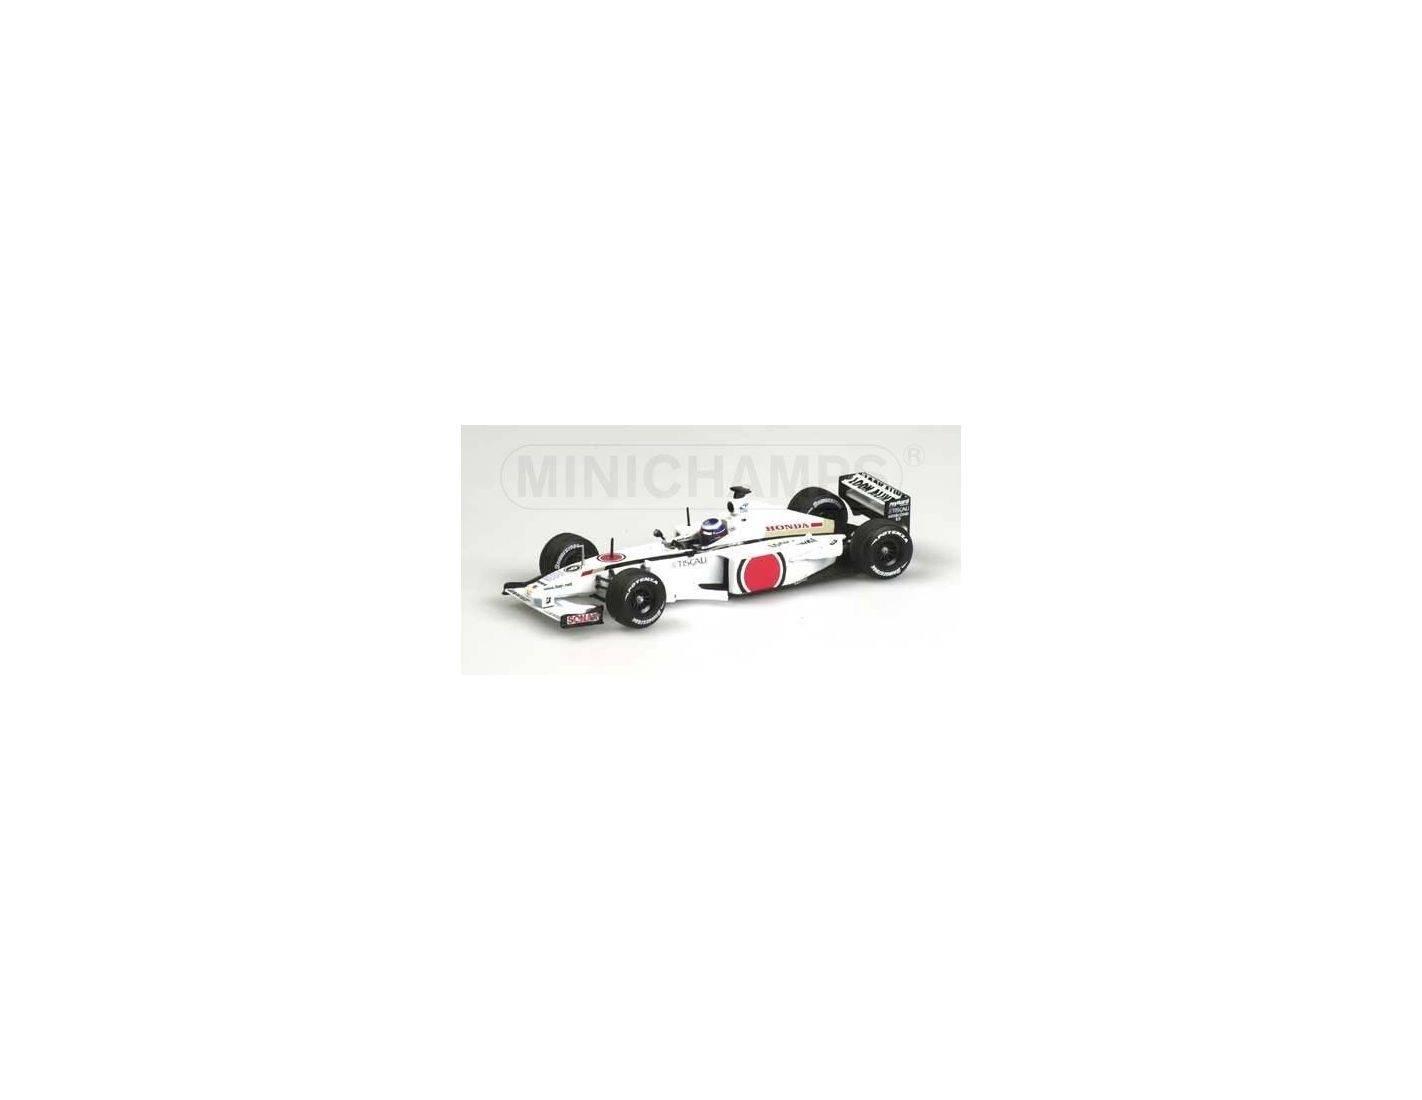 Minichamps PM430010080 BAR HONDA O.PANIS '01 1:43 Modellino